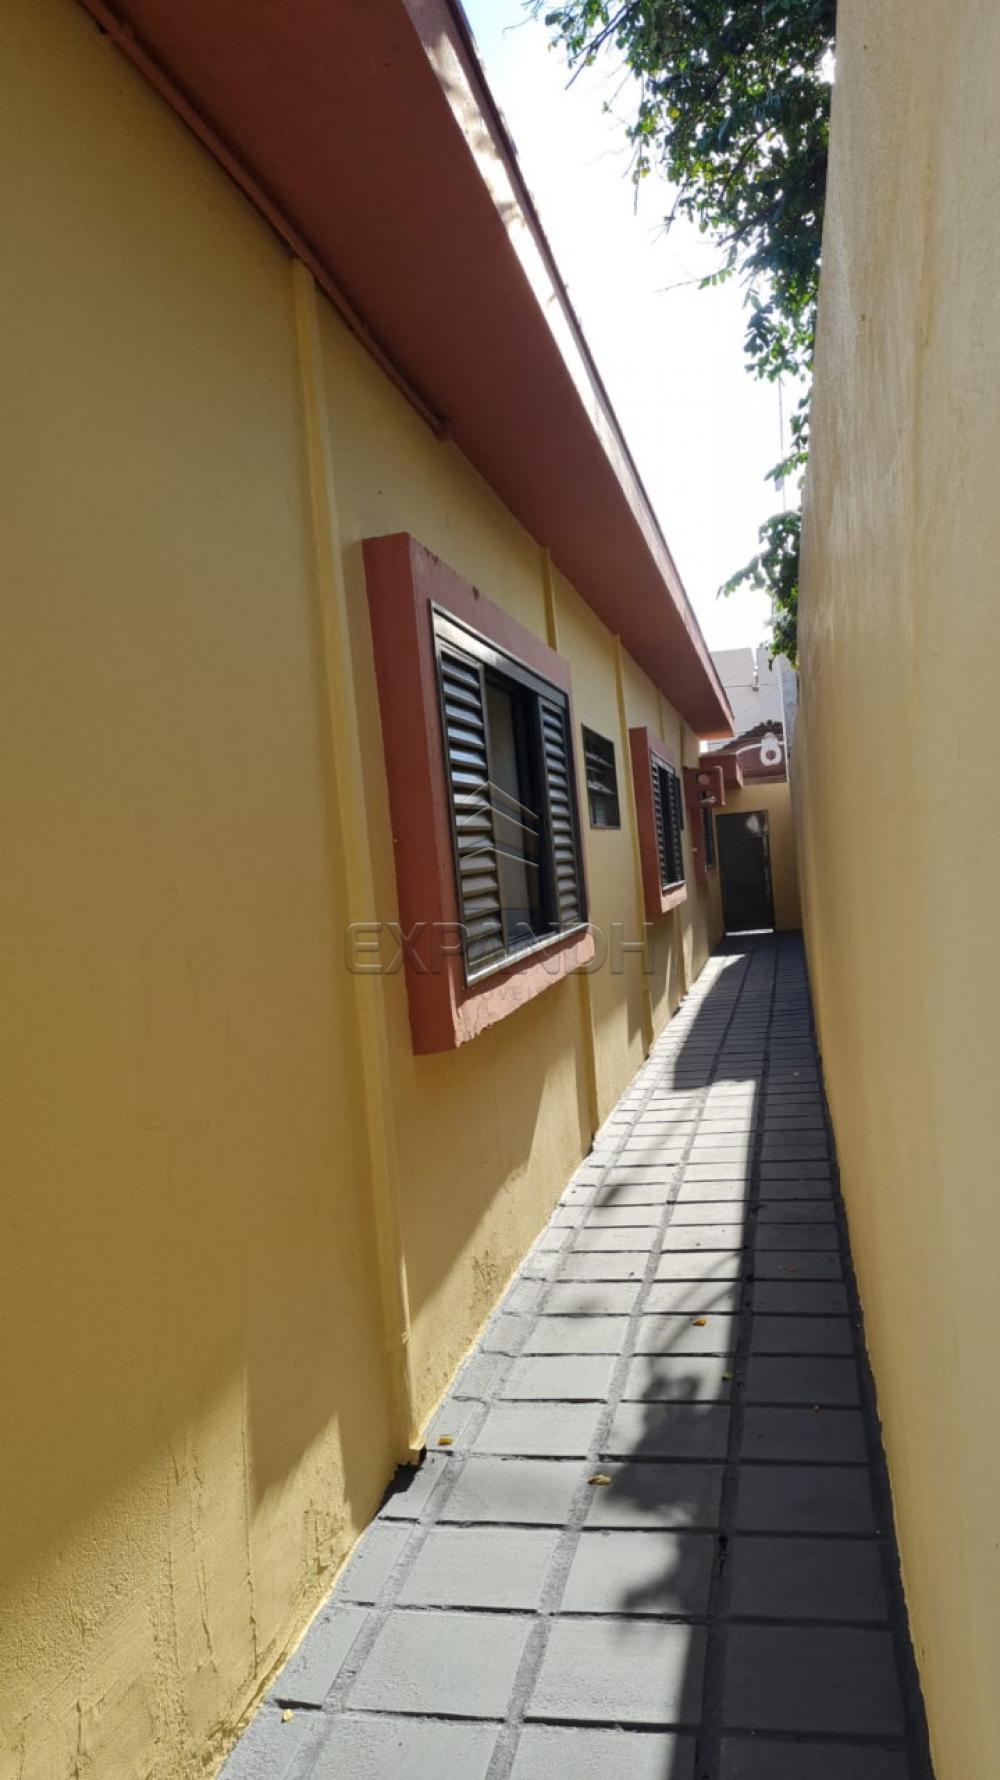 Alugar Casas / Padrão em Sertãozinho R$ 1.500,00 - Foto 6